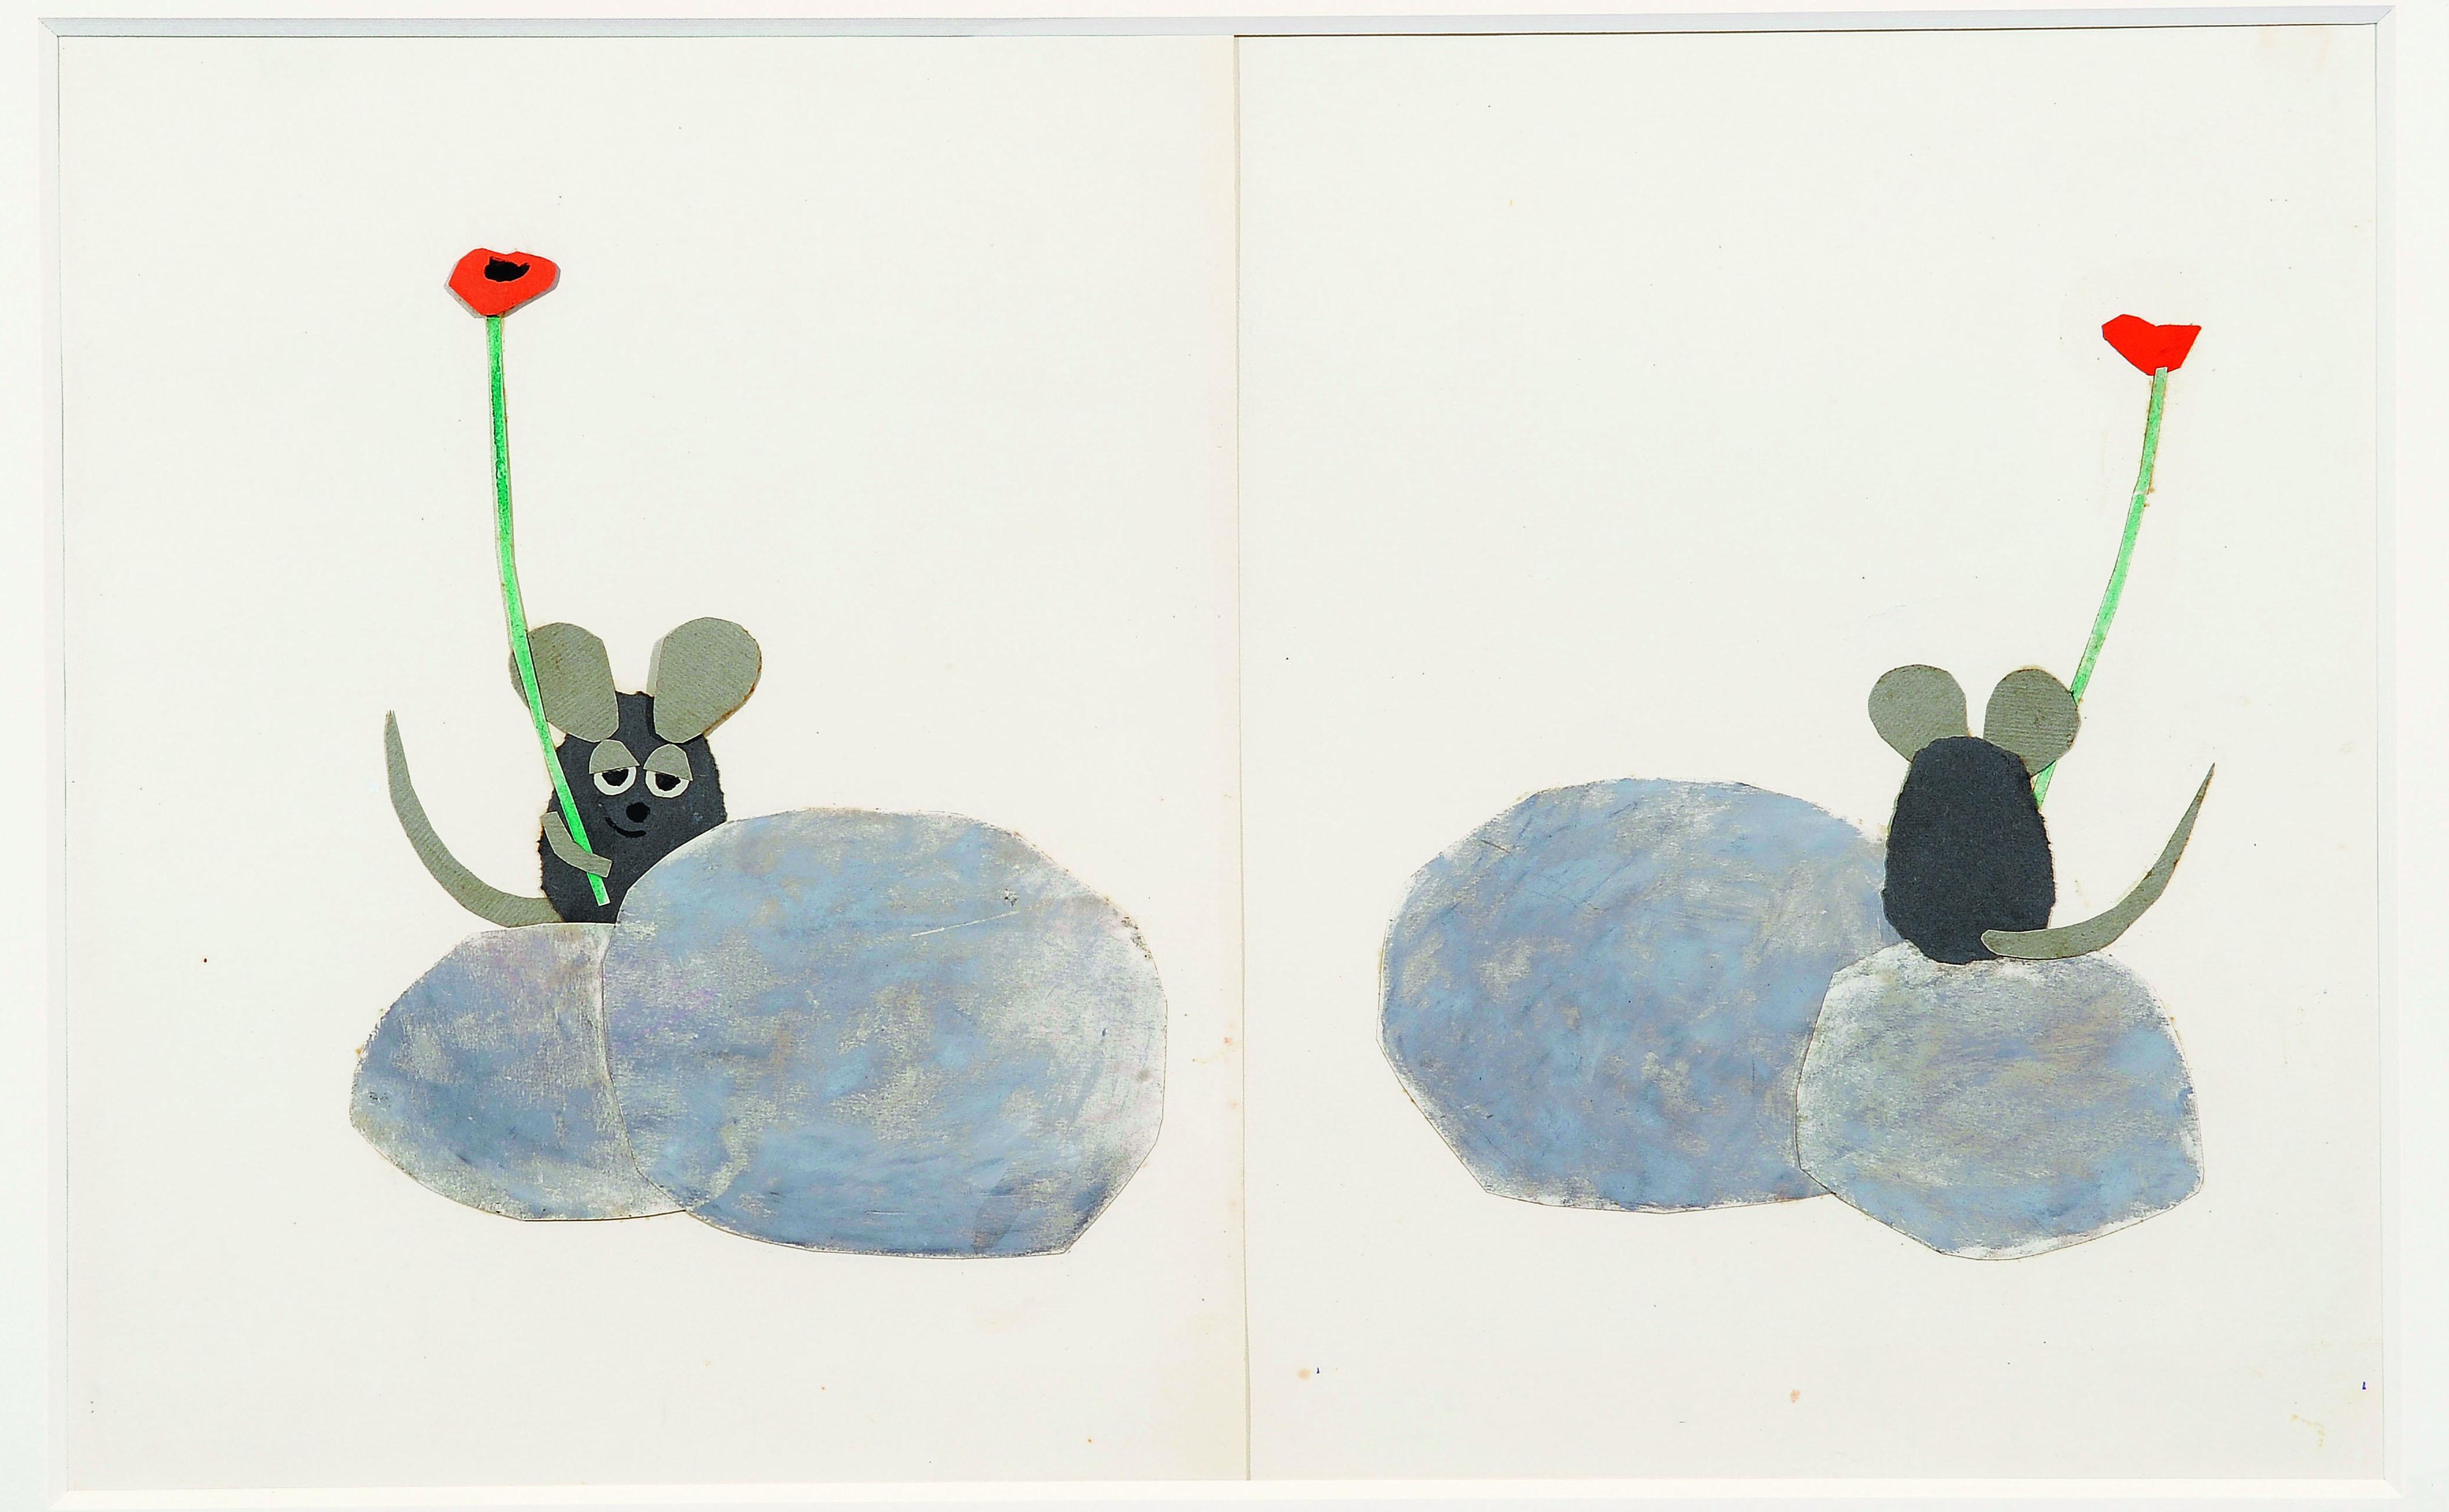 「フレデリック」 1967年 水彩、パステル、コラージュ、紙 51×63.6cm Frederick (C)1967, renewed 1995  by Leo Lionni / Pantheon Works by Leo Lionni, On Loan By The Lionni Family